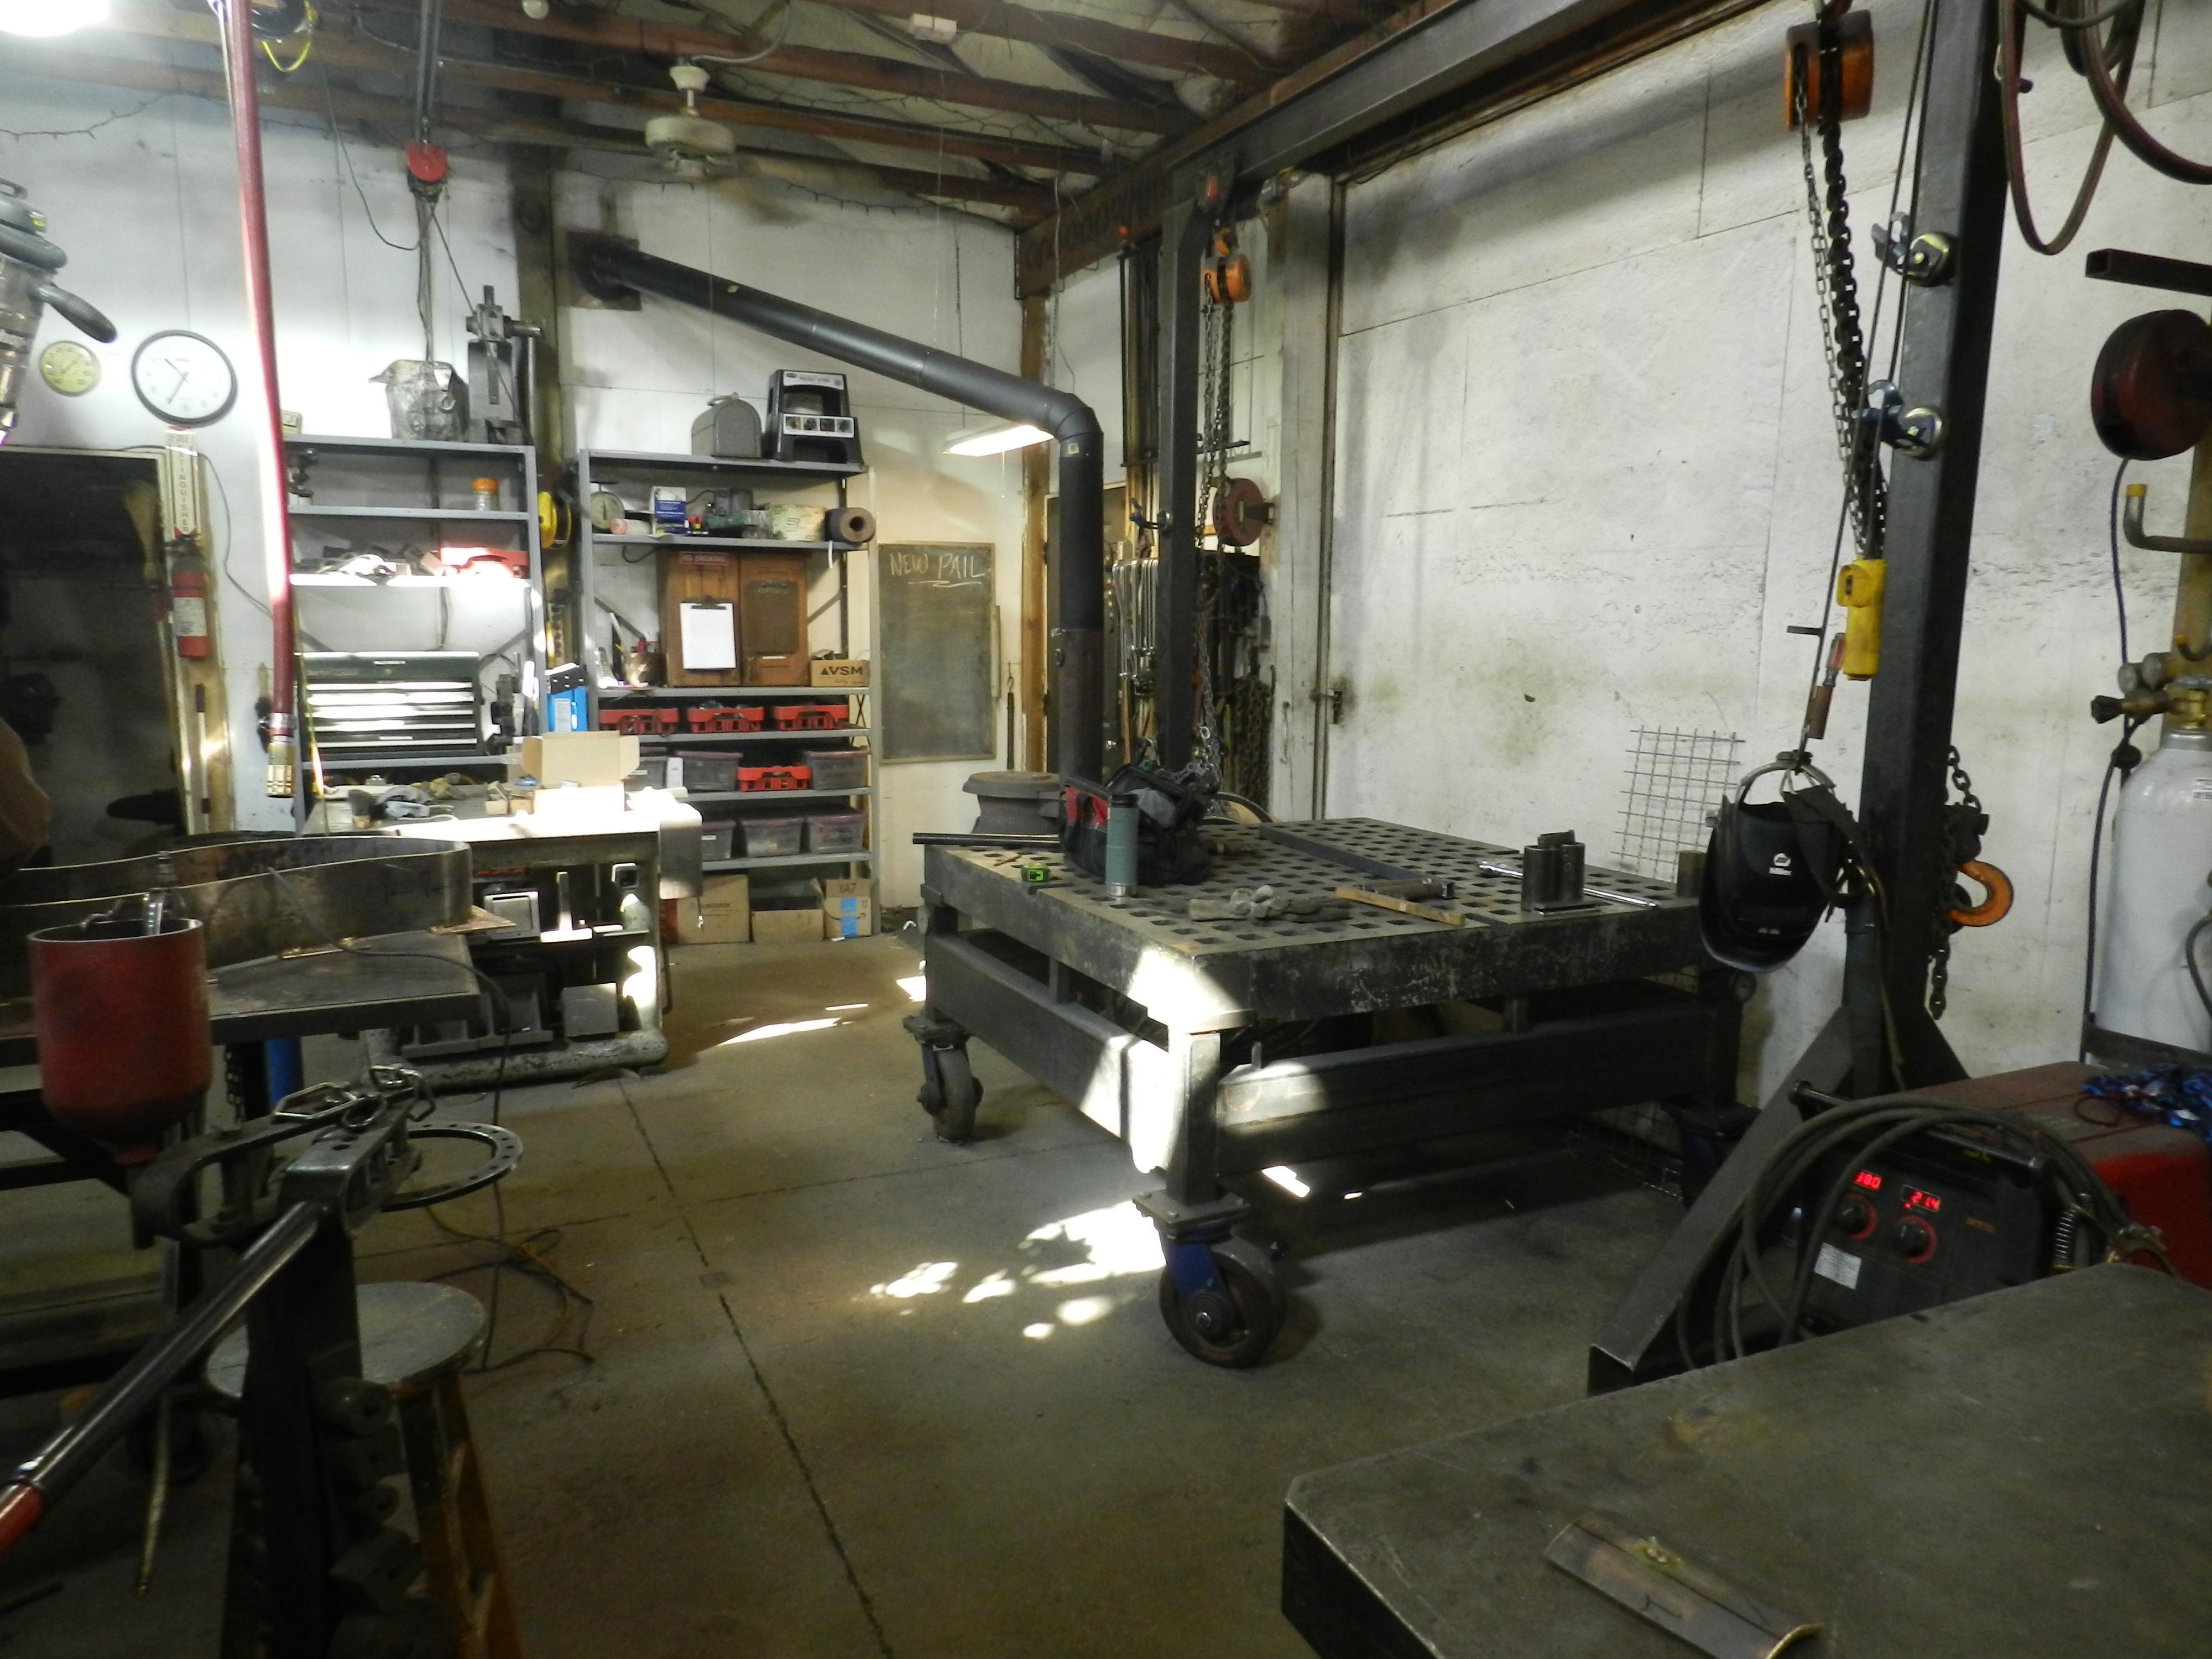 Tour the Forge - Village Blacksmith, Inc